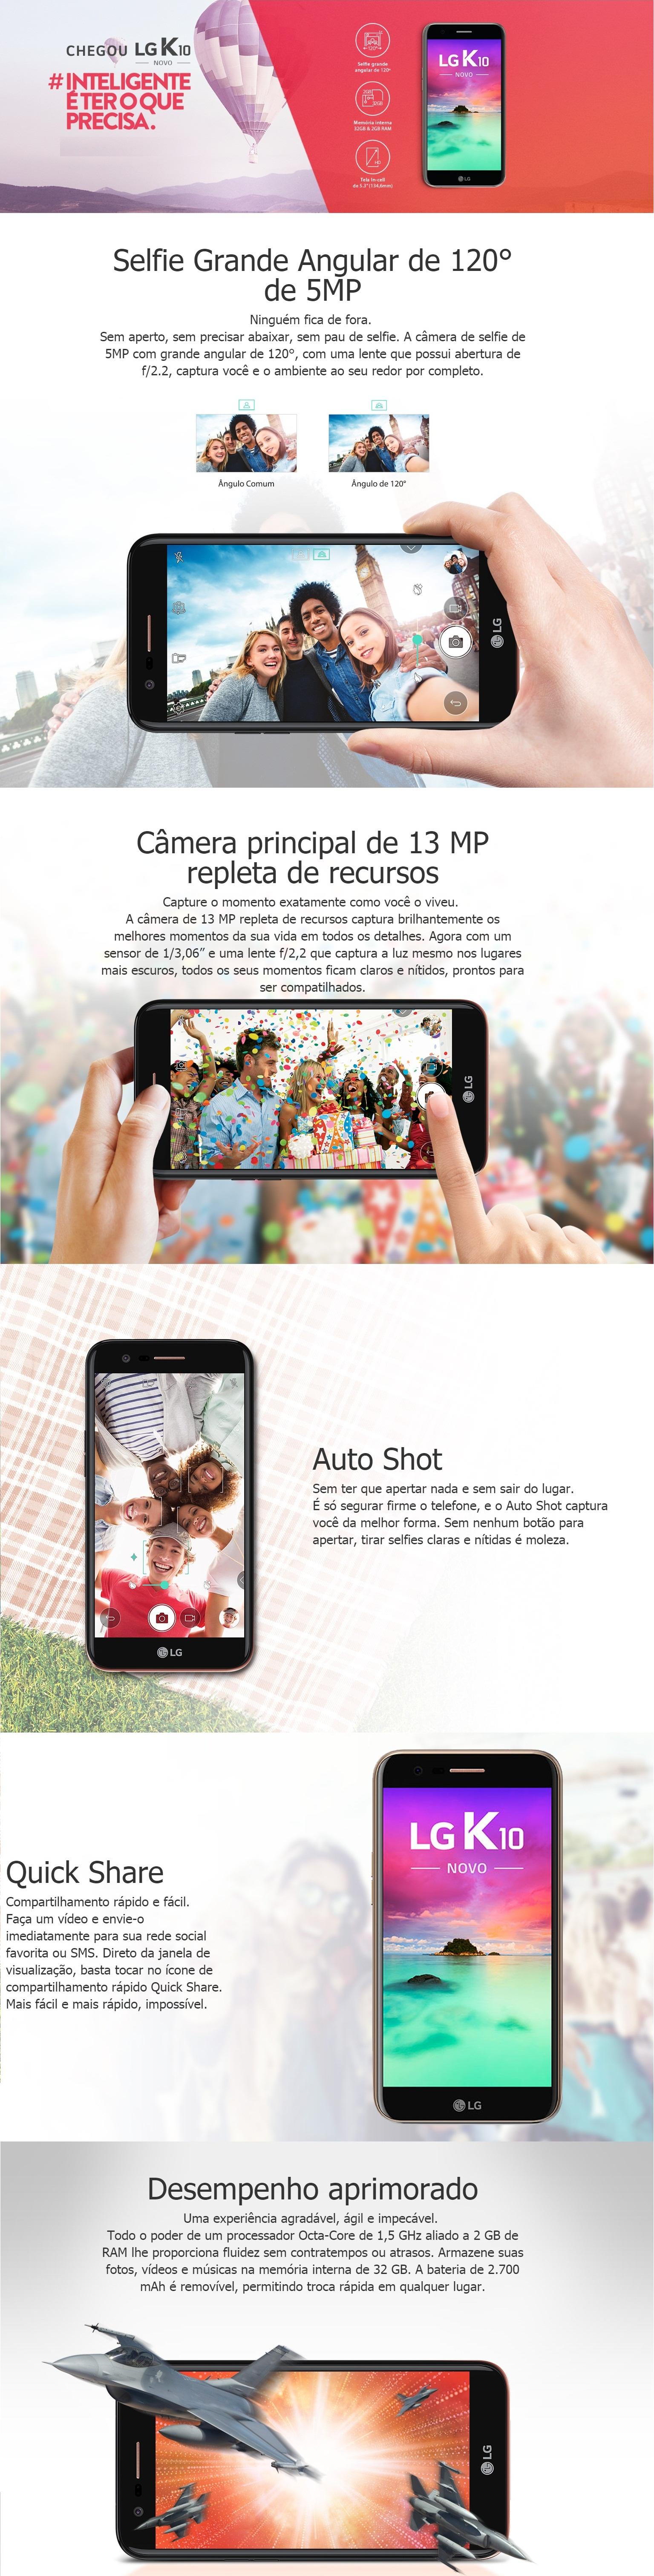 Smartphone LG K10 Novo 32GB Dual Chip 4G Tela 5.3 Câmera 13MP Câmera Frontal 5MP Android 7.0